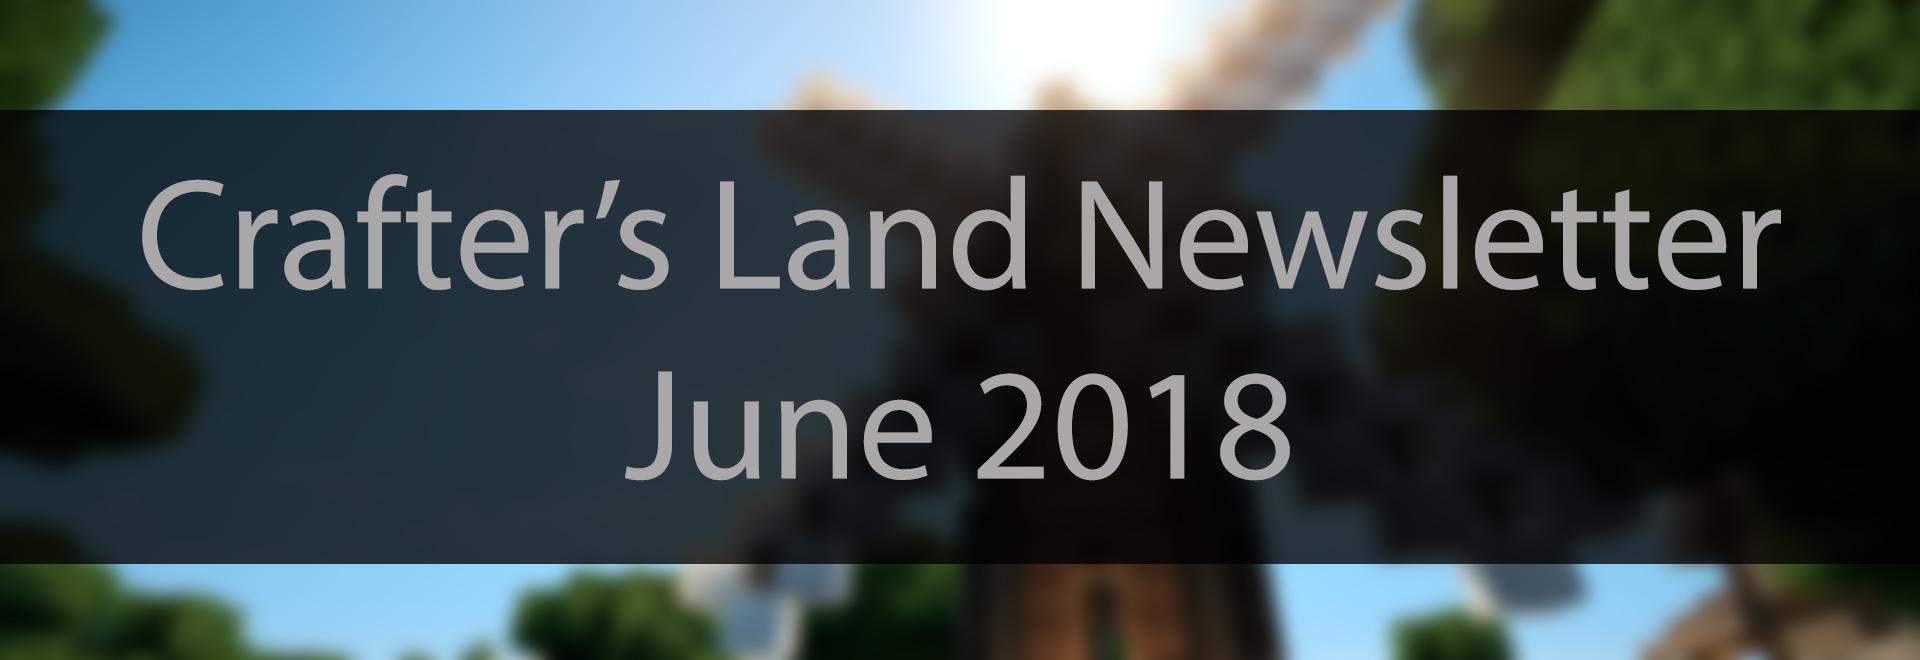 june-2018-newsletter_4.jpg